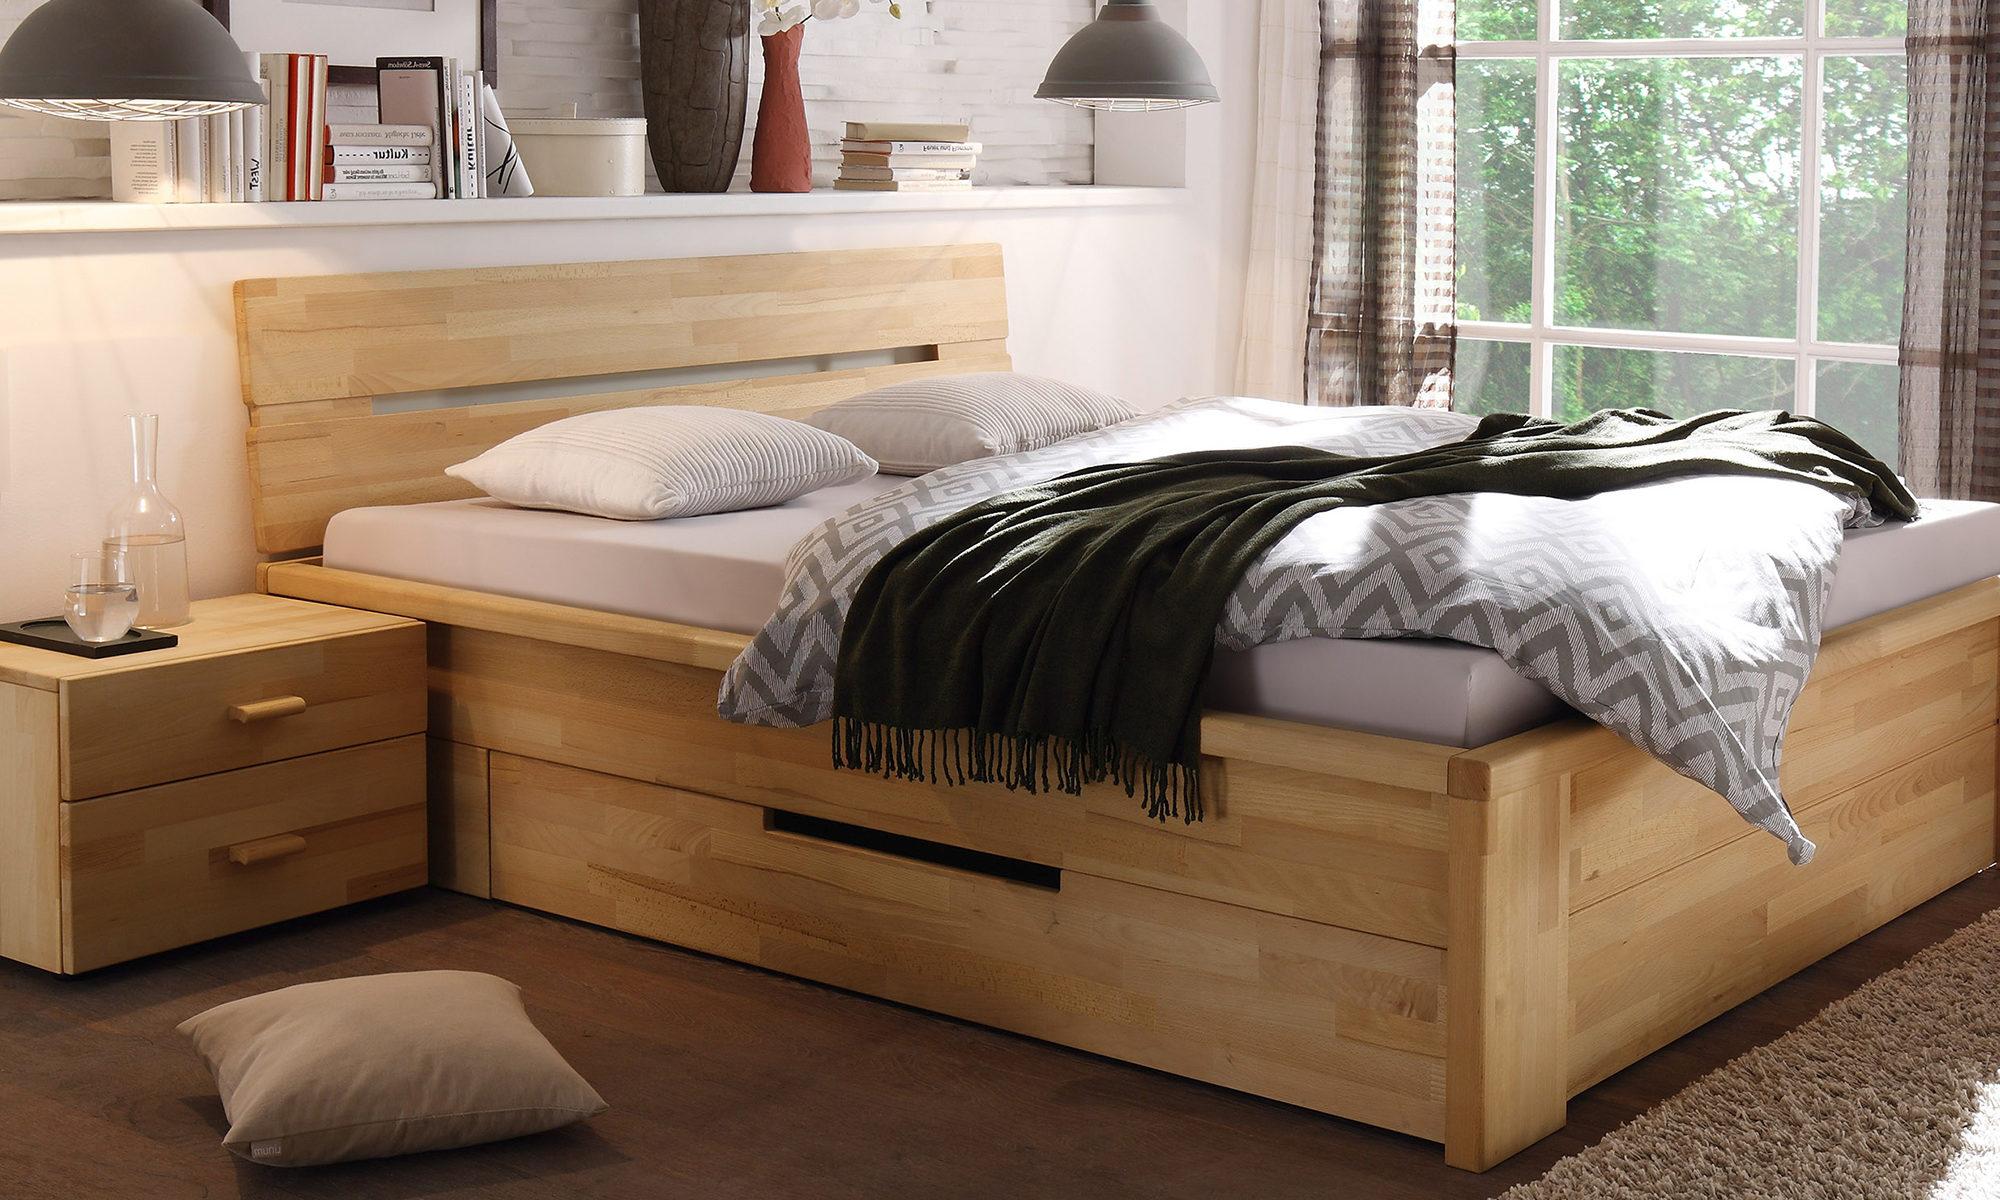 woodlive massivholzbett casetta belama. Black Bedroom Furniture Sets. Home Design Ideas